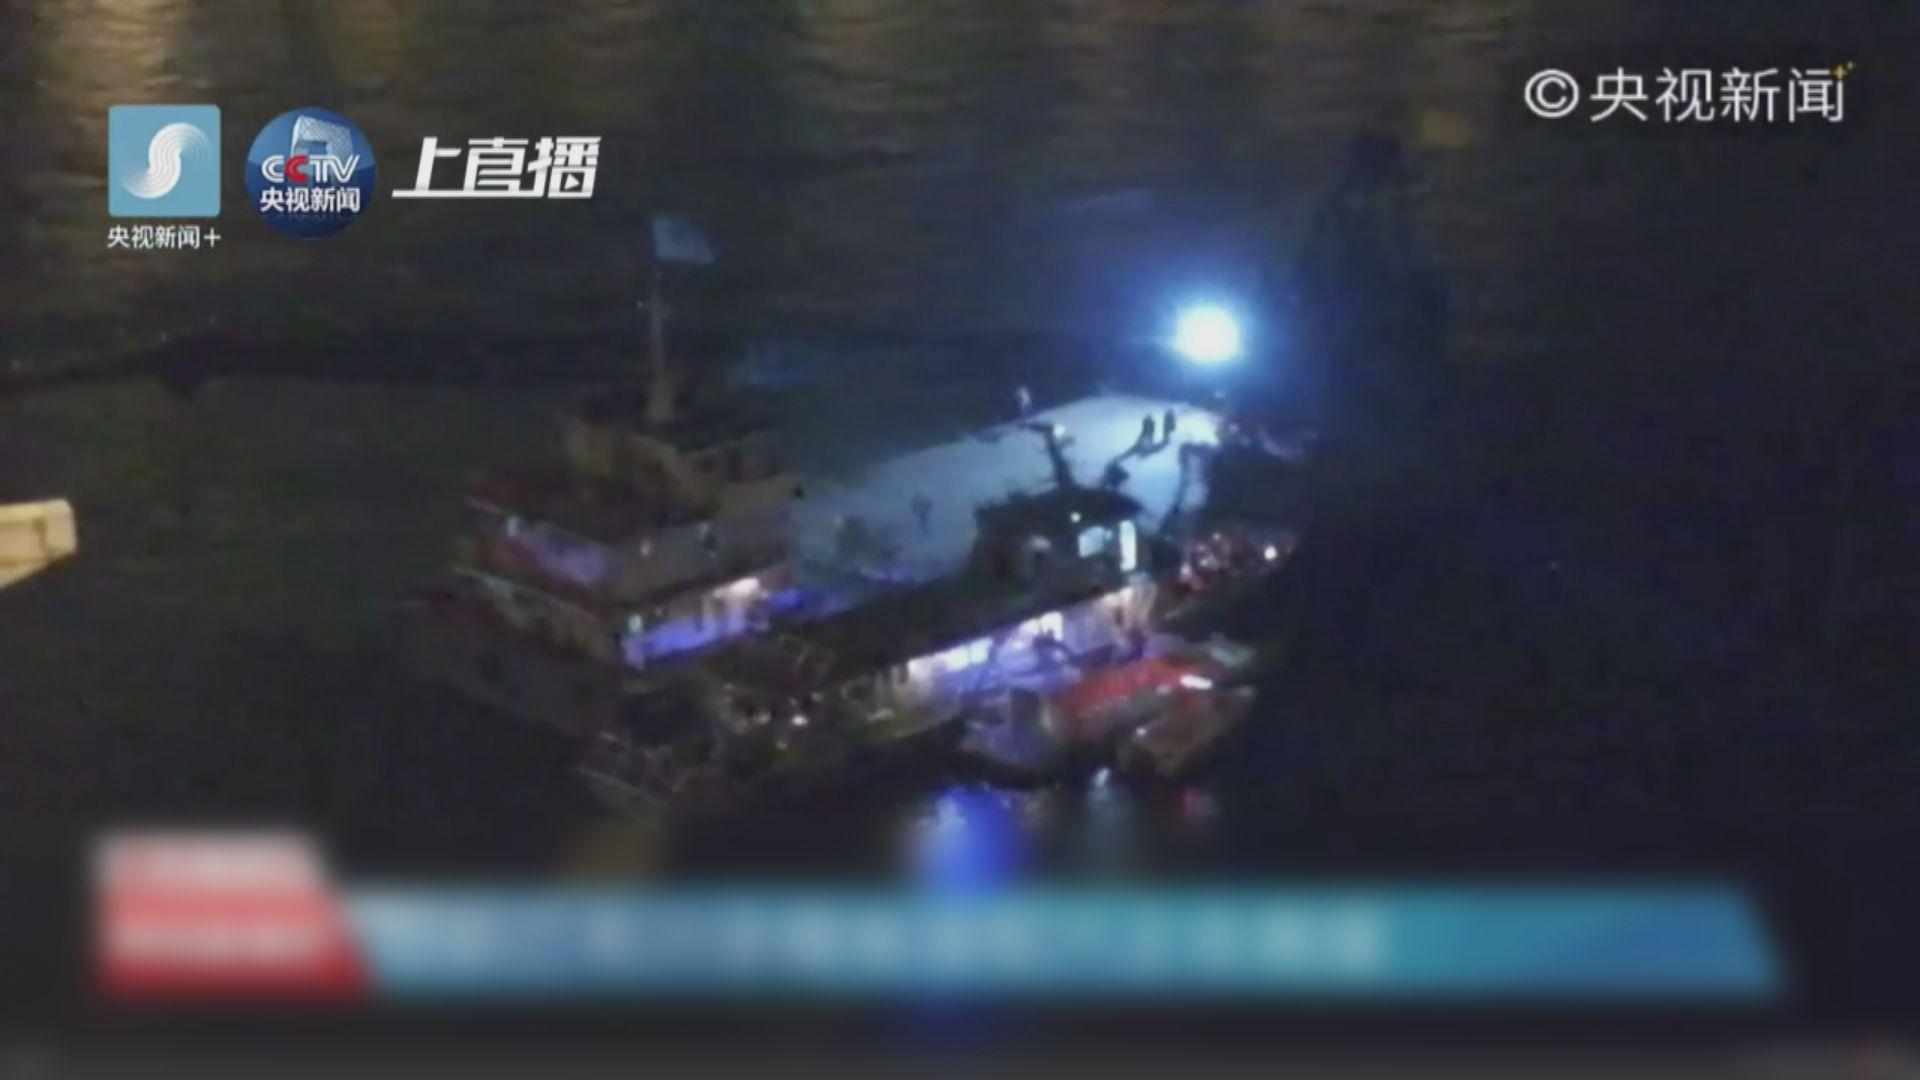 當局確認重慶墜江巴士先越過中線撞私家車